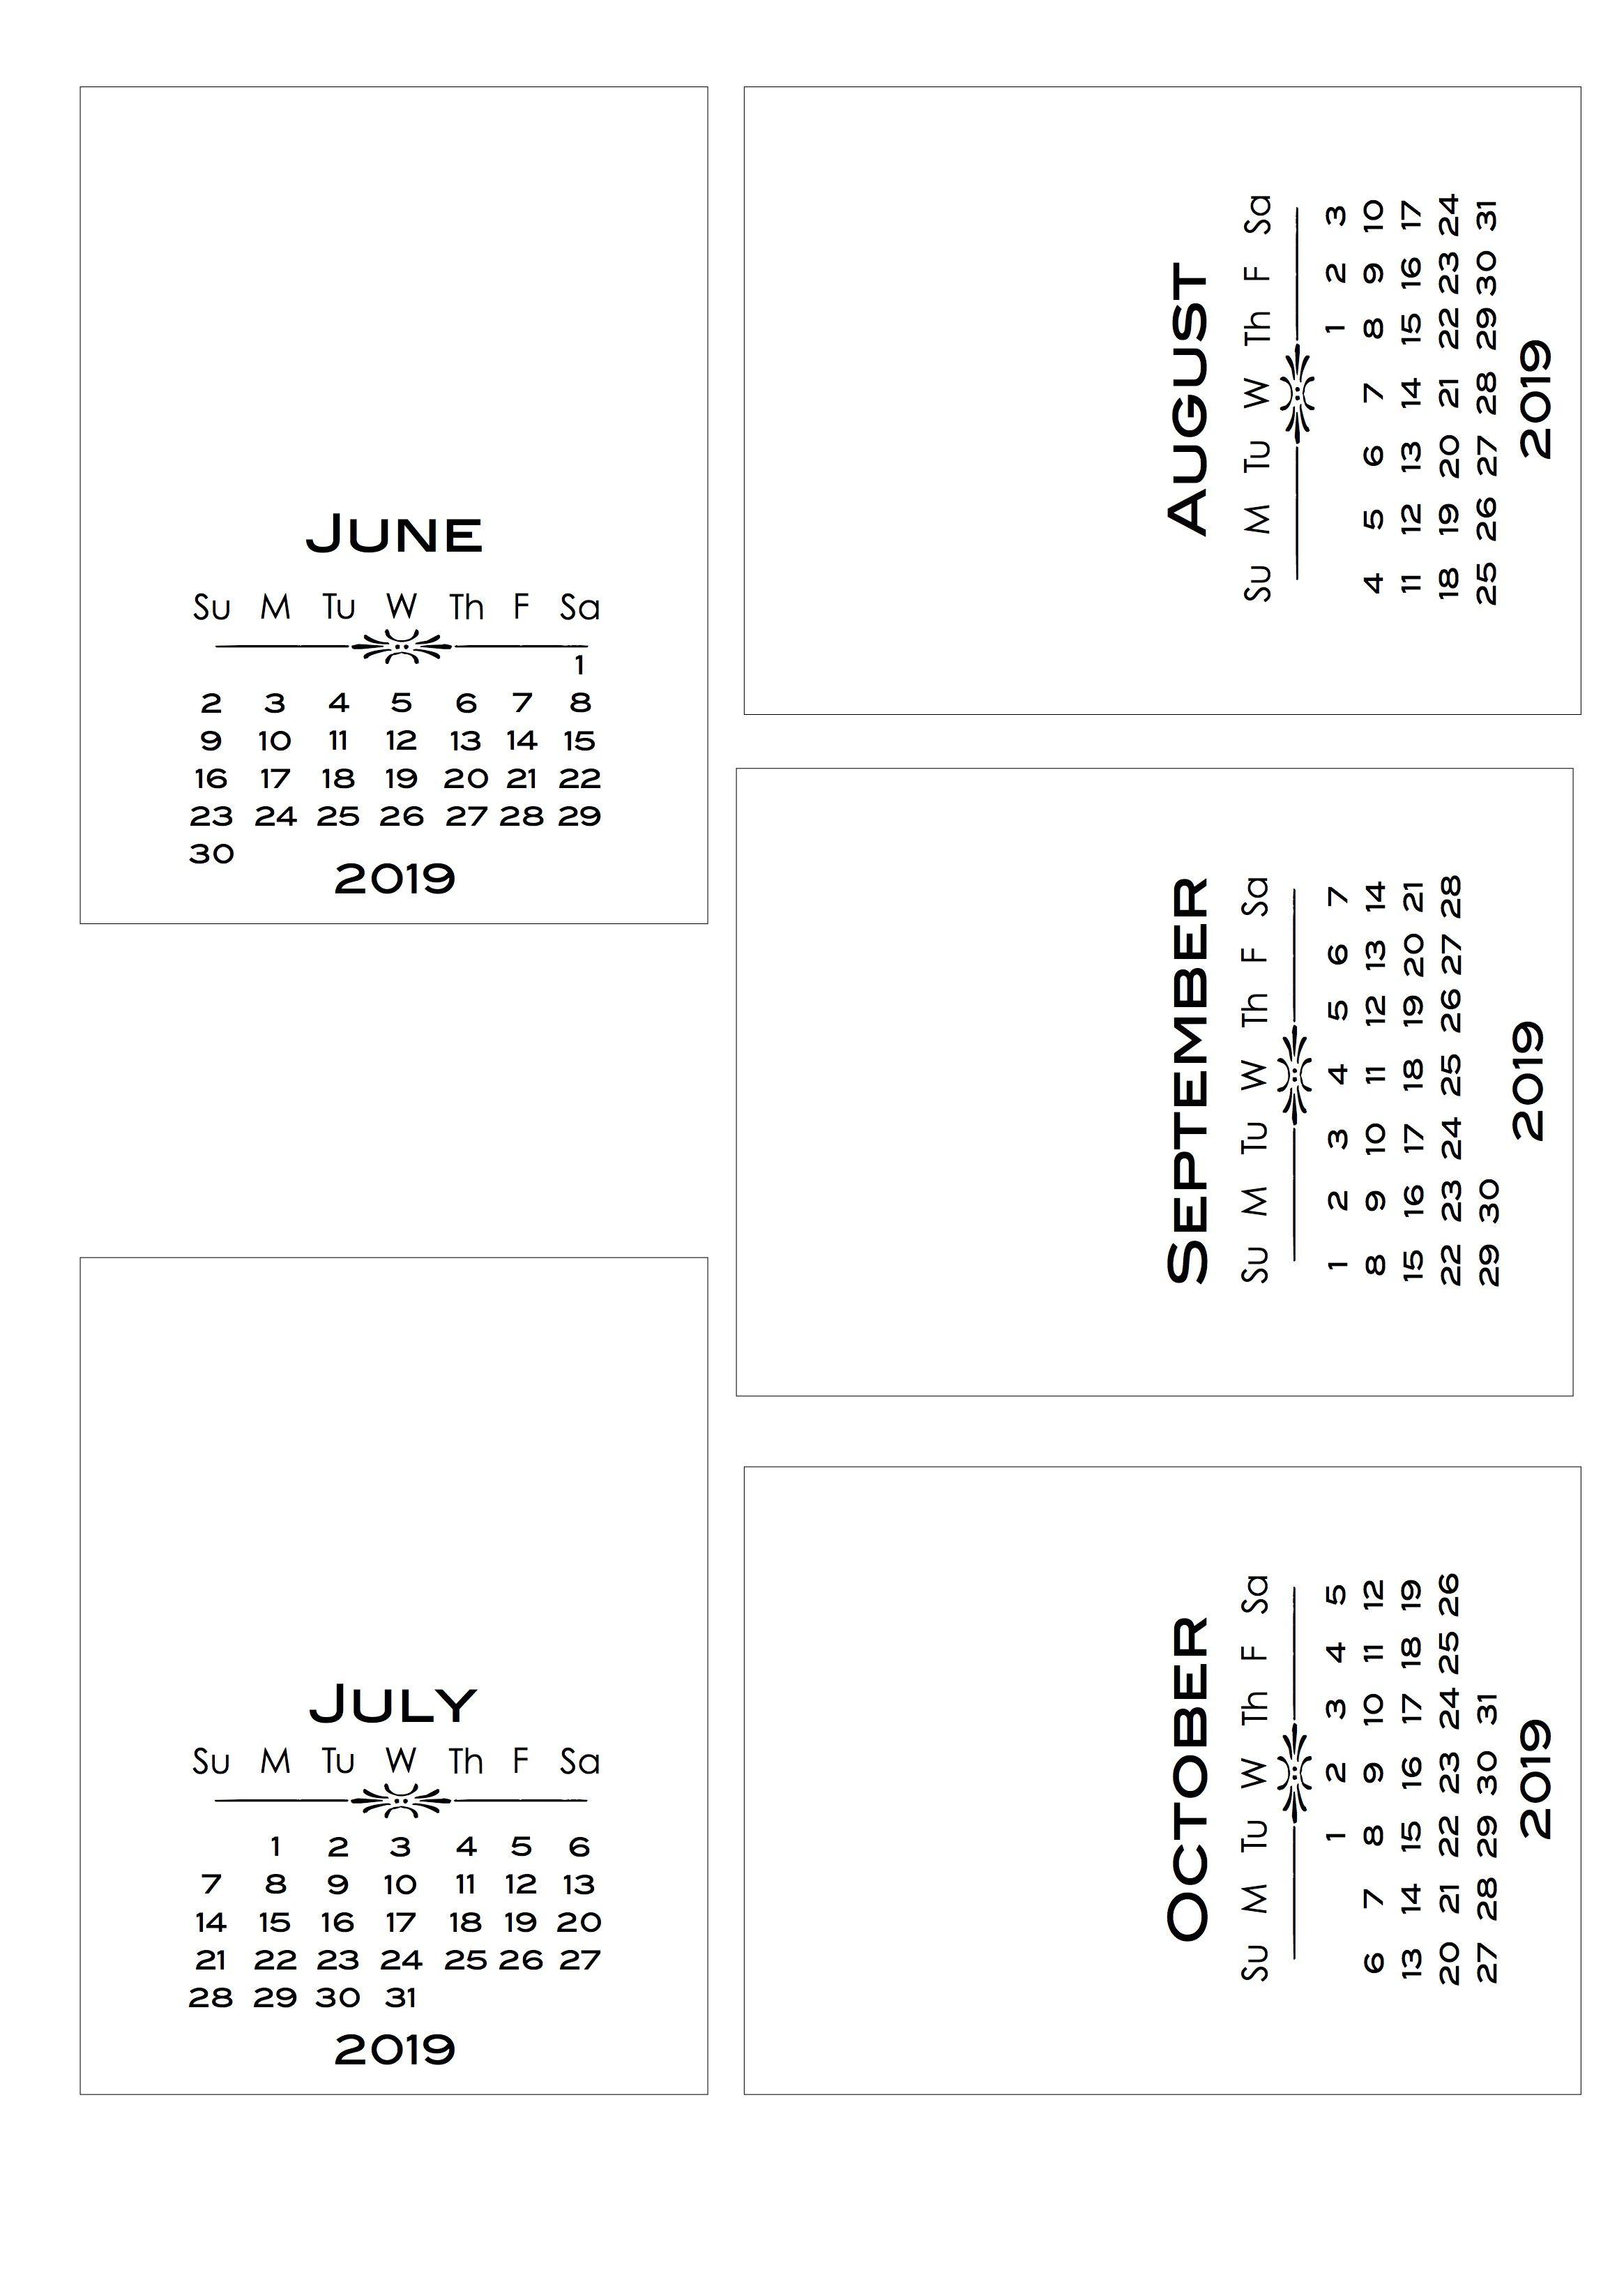 2019 Diy Calendar With Bold Text Pl-Style Cards | Calendar